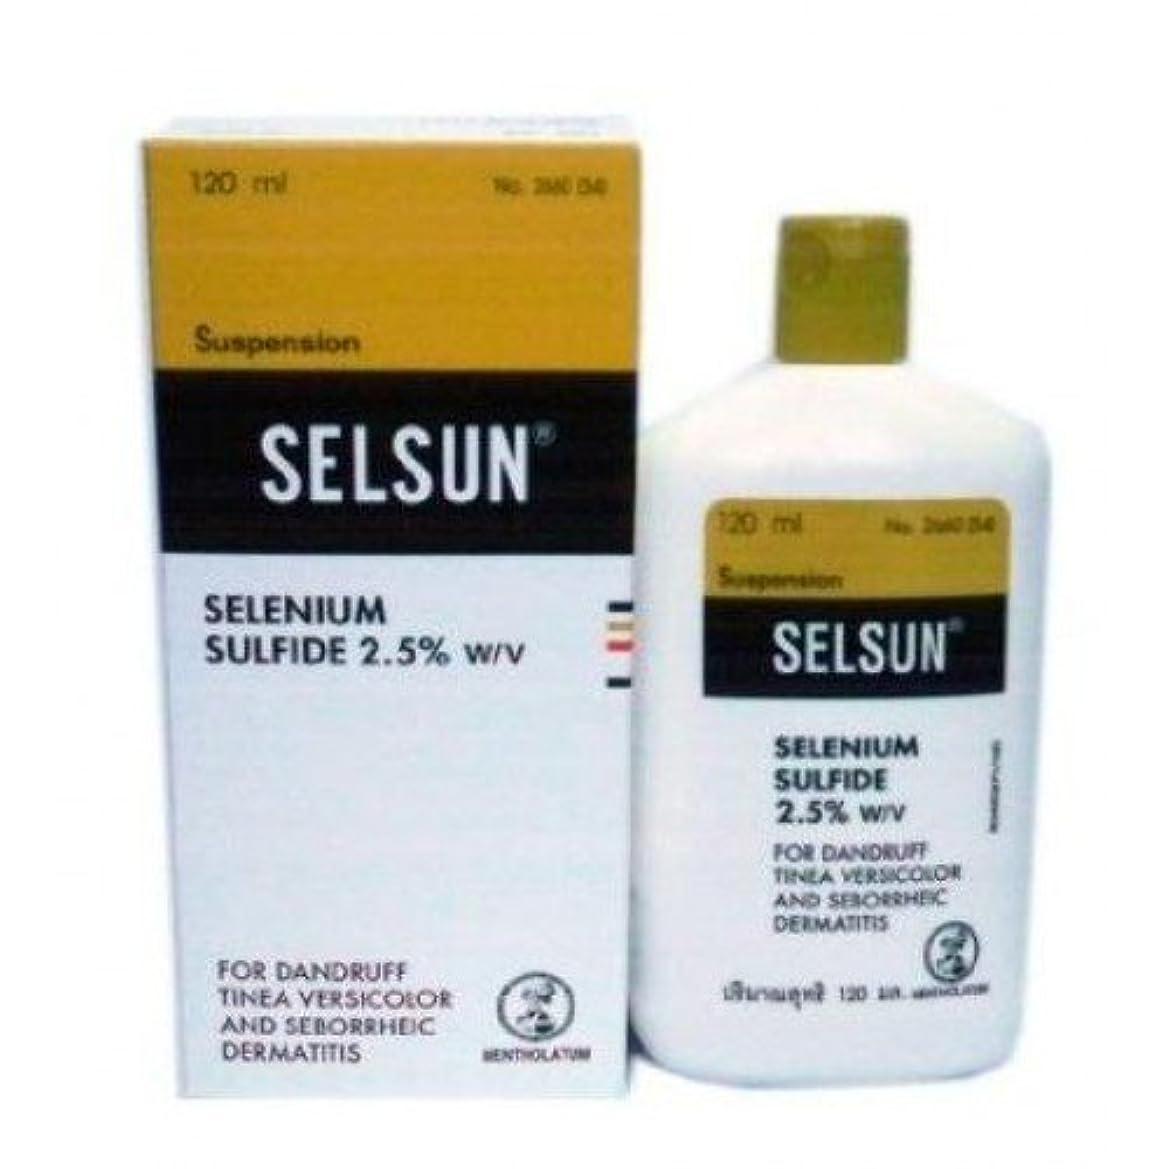 非効率的な本物強要SELSUN anti-dandruff shampoo 120ml  セルサン シャンプー